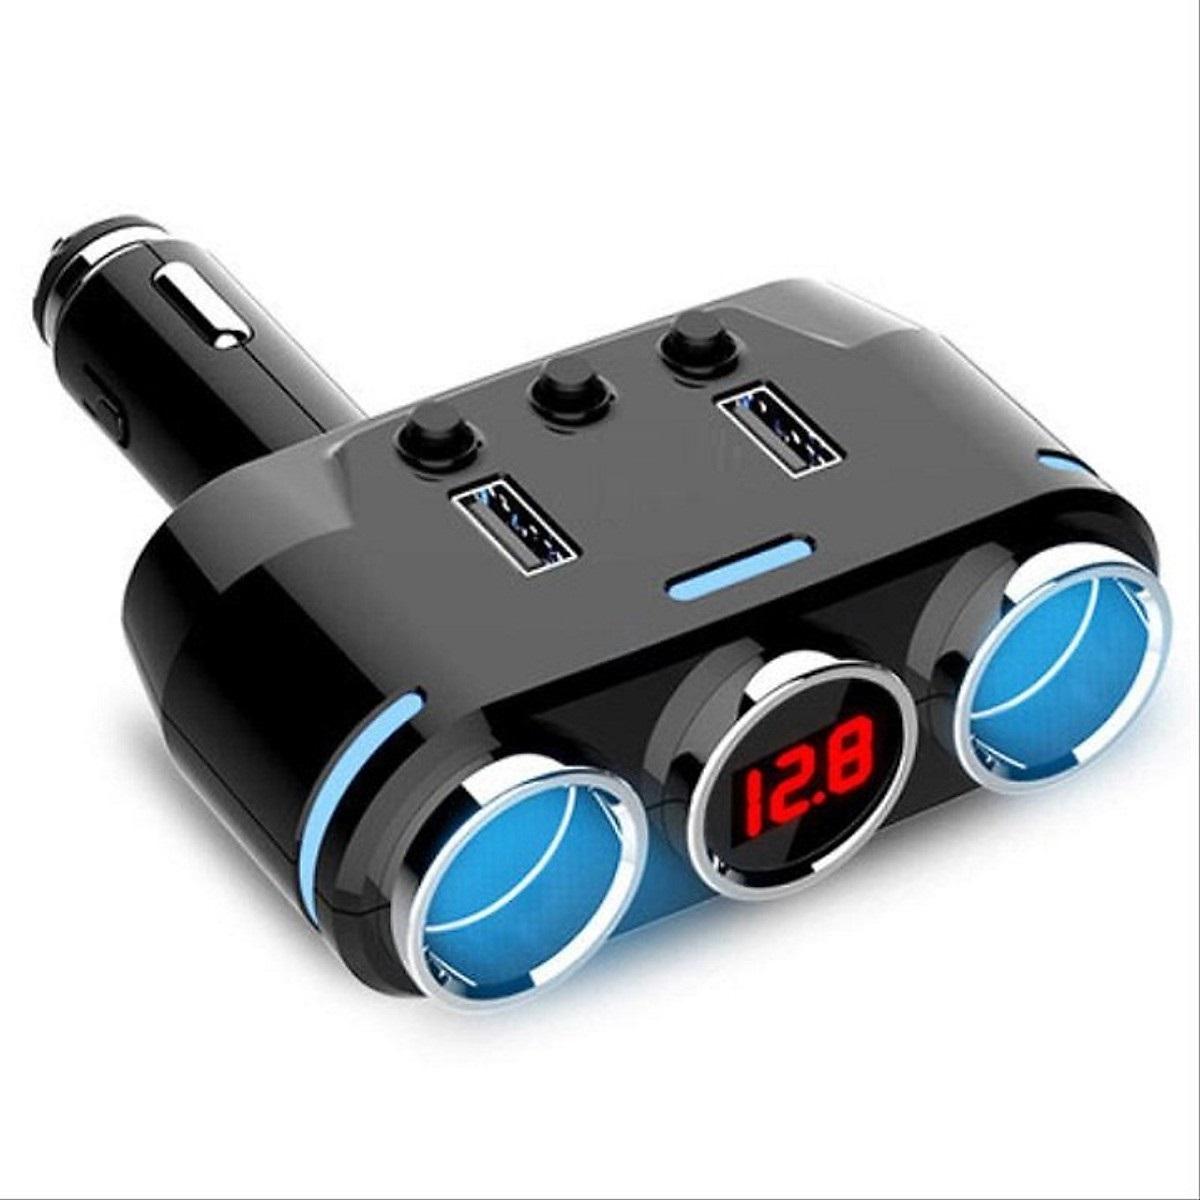 Bộ chia tẩu sạc đa năng trên xe hơi, ô tô BC39- CÔNG SUẤT 100W, 2 CỔNG USB (Tặng quạt nhựa mini cắm cổng USB-Giao màu ngẫu nhiên)